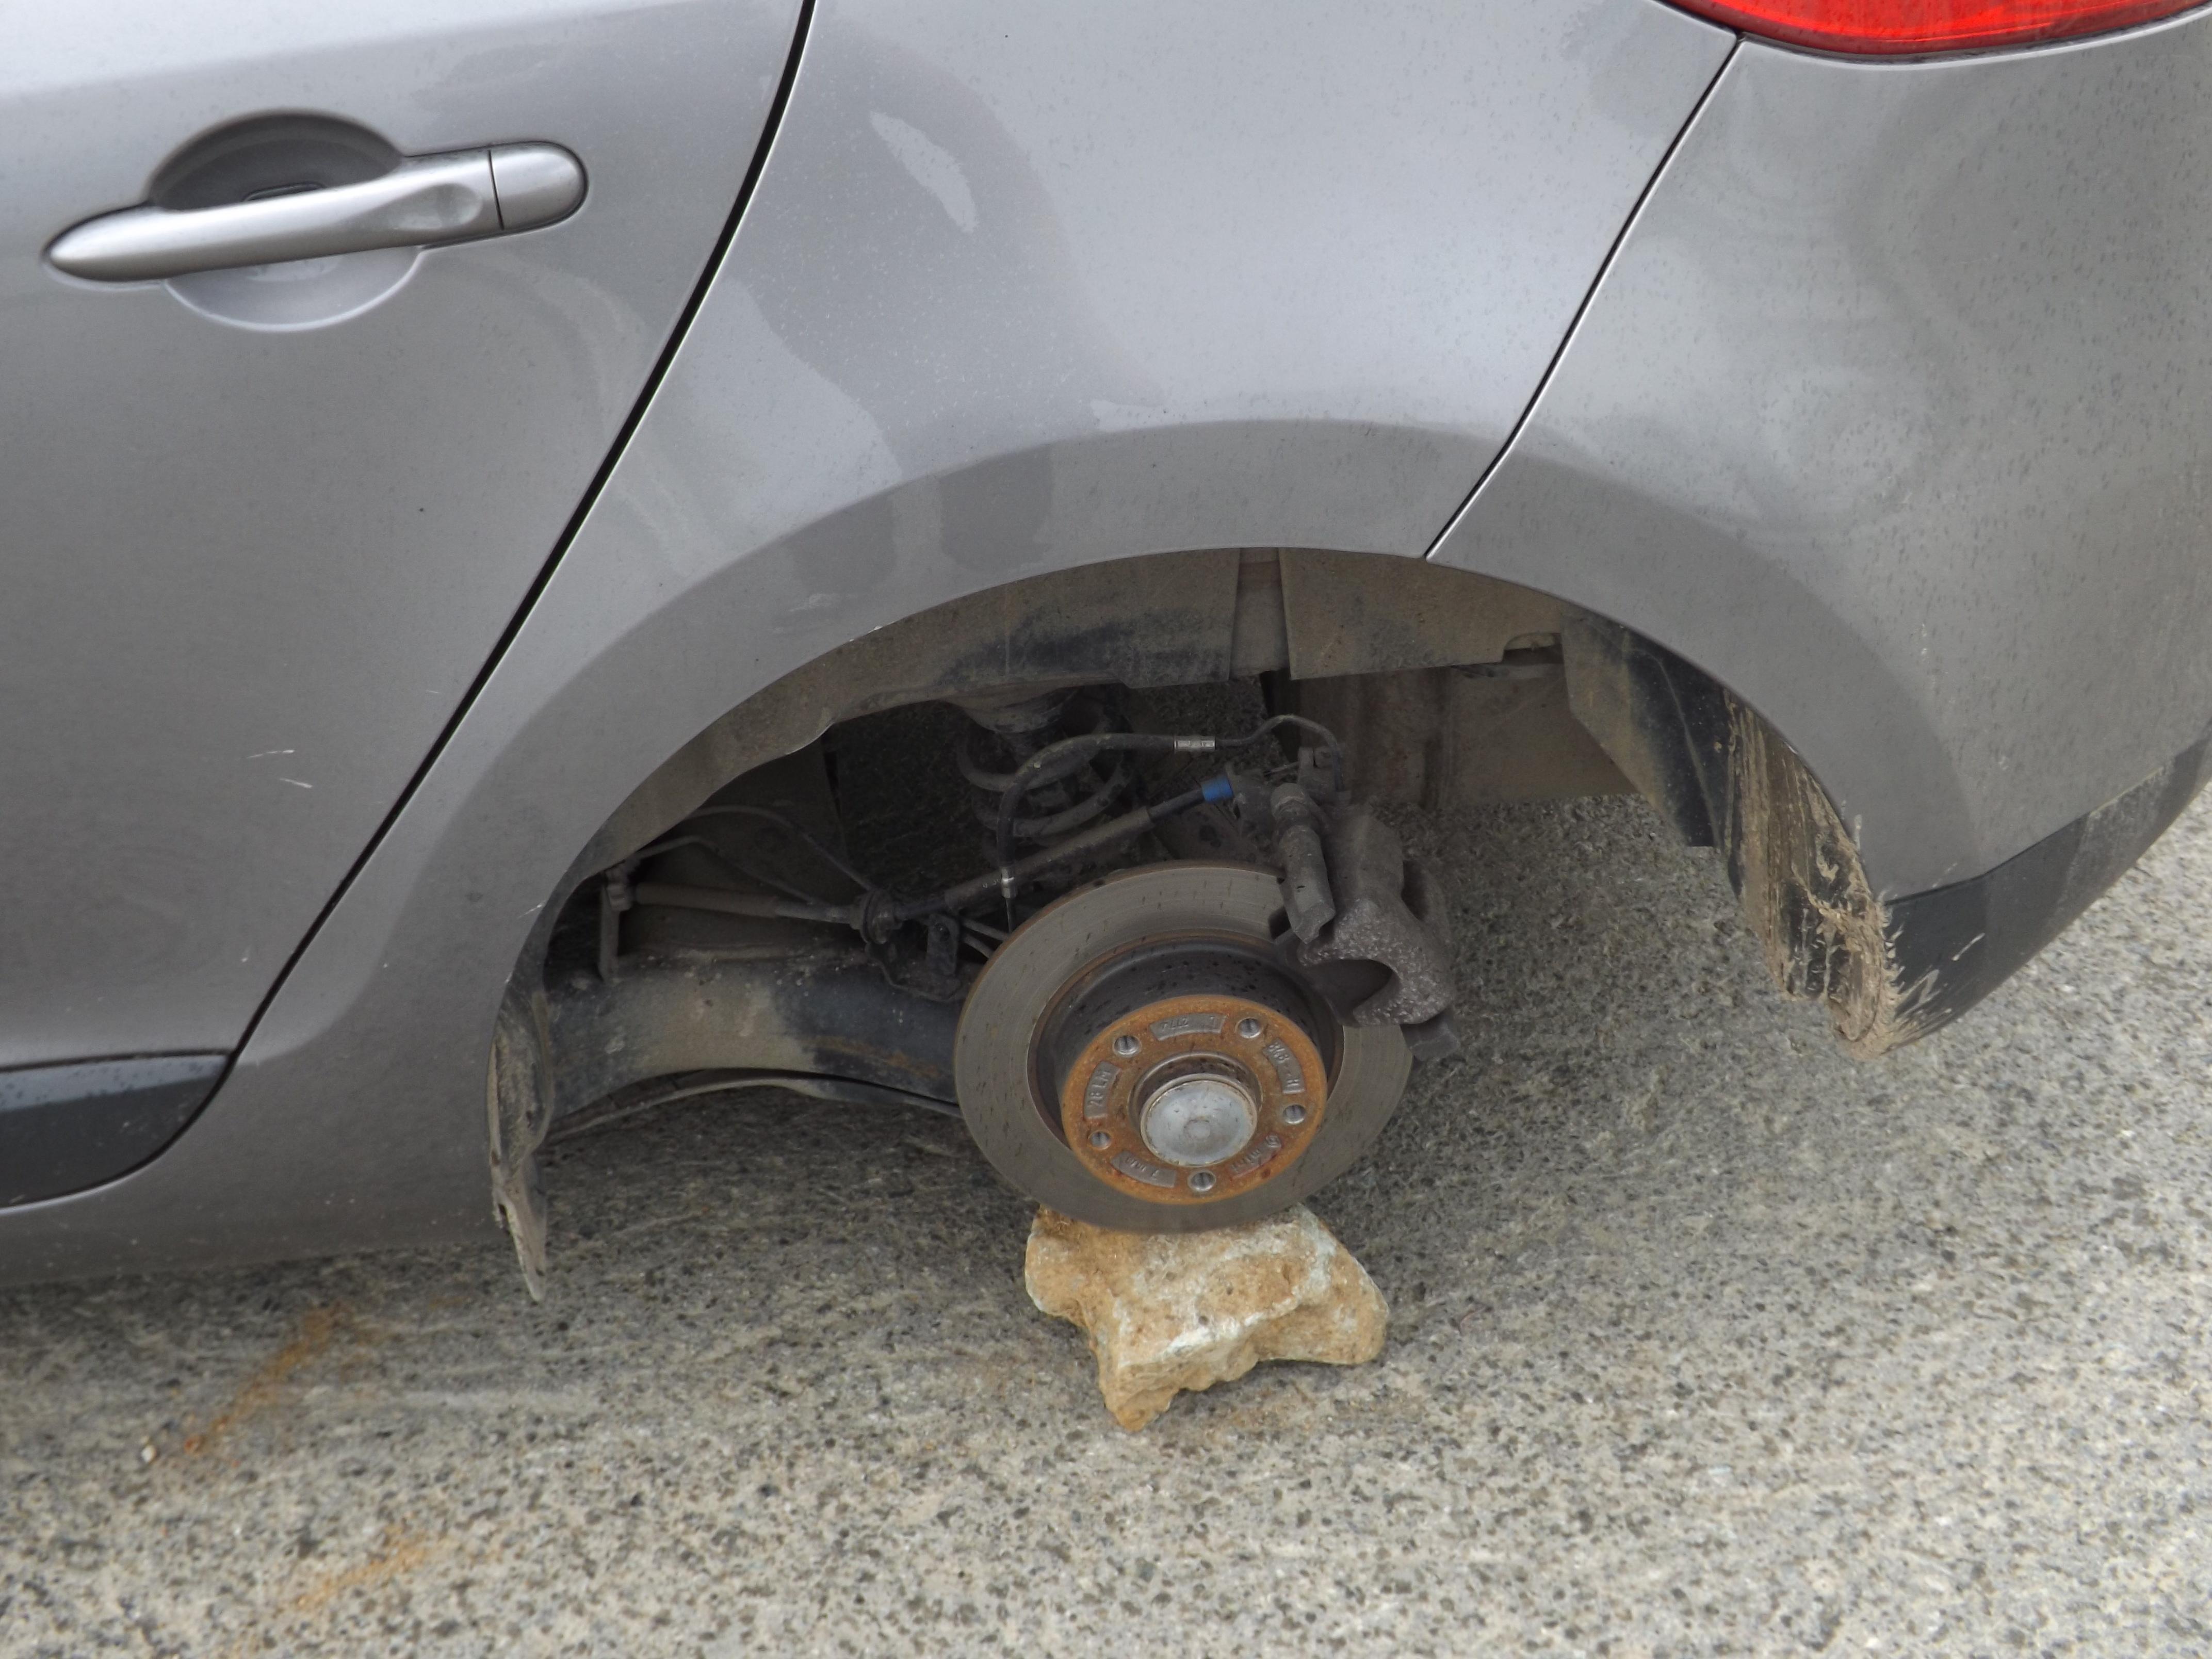 Академический захлестнула волна краж колес с автомобилей